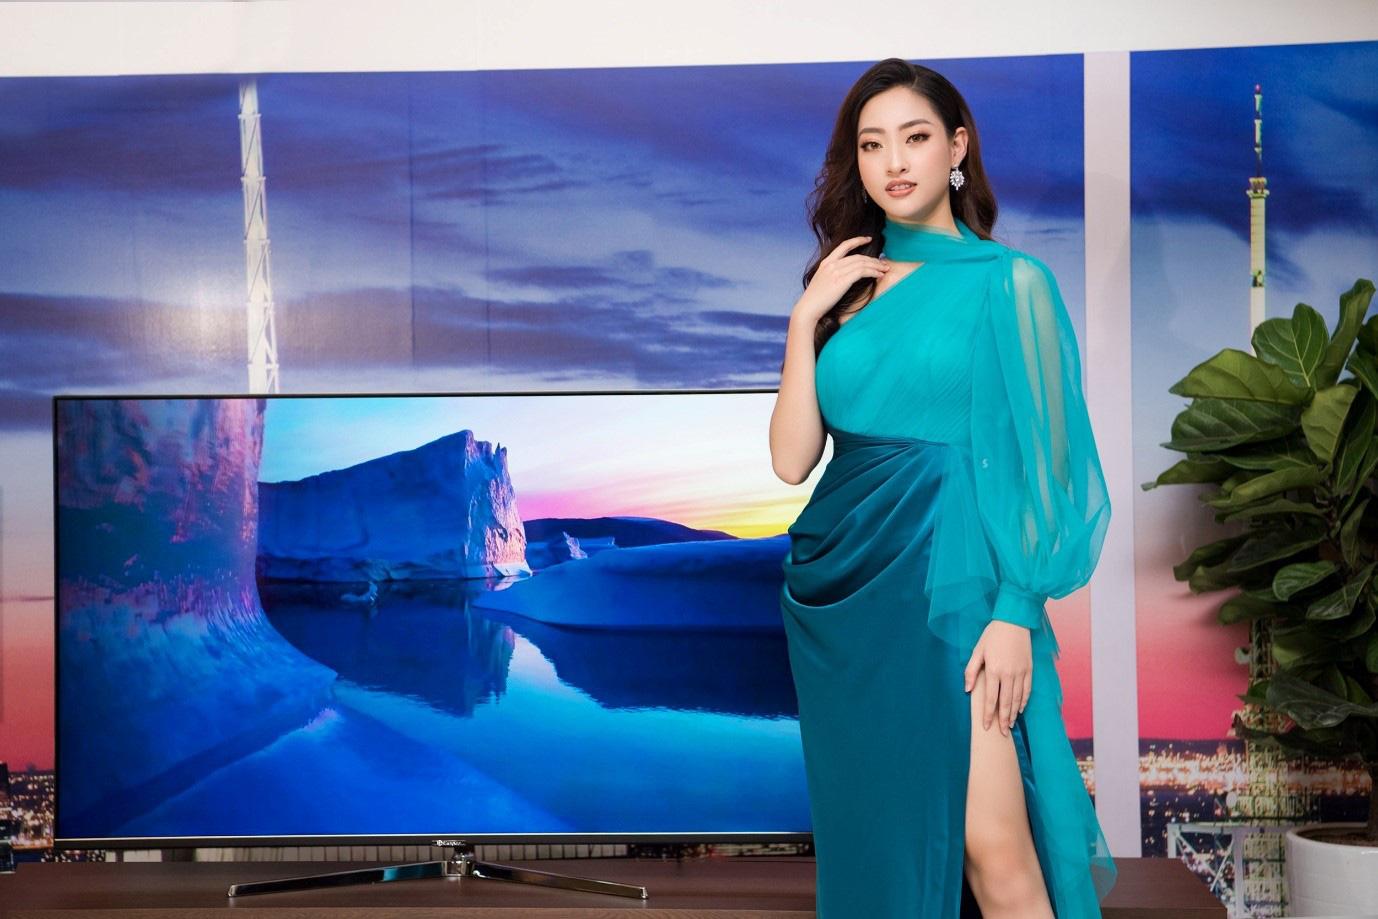 Hoa hậu Lương Thùy Linh: Chúng ta không thể chọn vạch xuất phát nhưng đều có thể chạy đến cùng vạch đích - Ảnh 2.